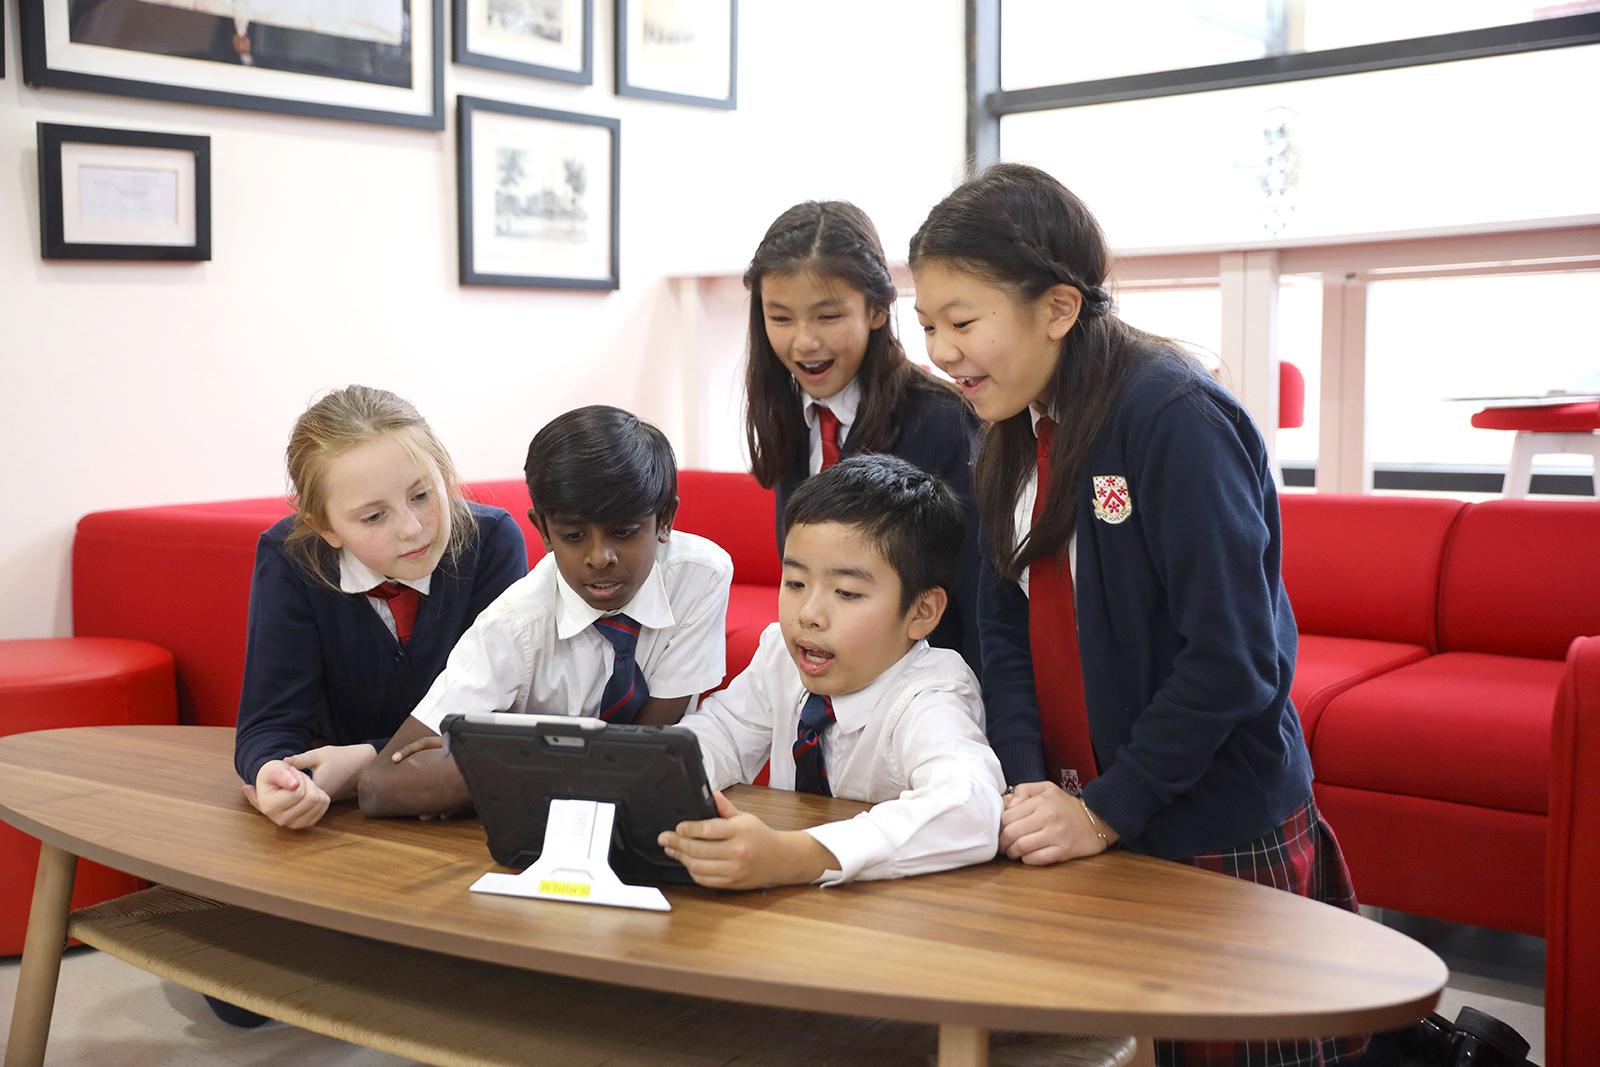 小学生的在线教育课程